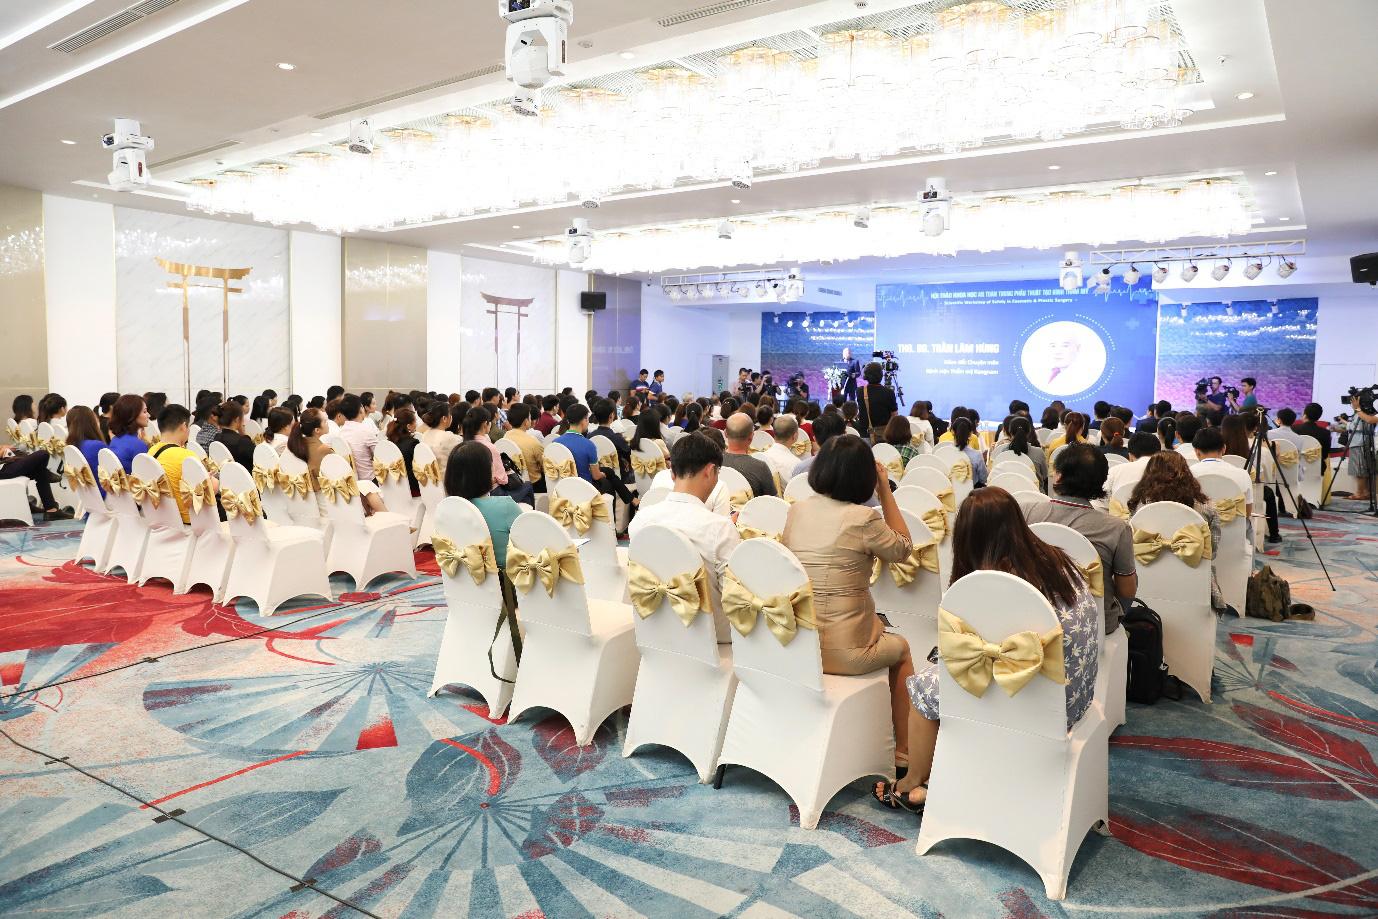 """Hơn 100 bác sĩ và chuyên gia đầu ngành đến dự buổi hội thảo """"An toàn trong phẫu thuật tạo hình thẩm mỹ"""" - Ảnh 1."""